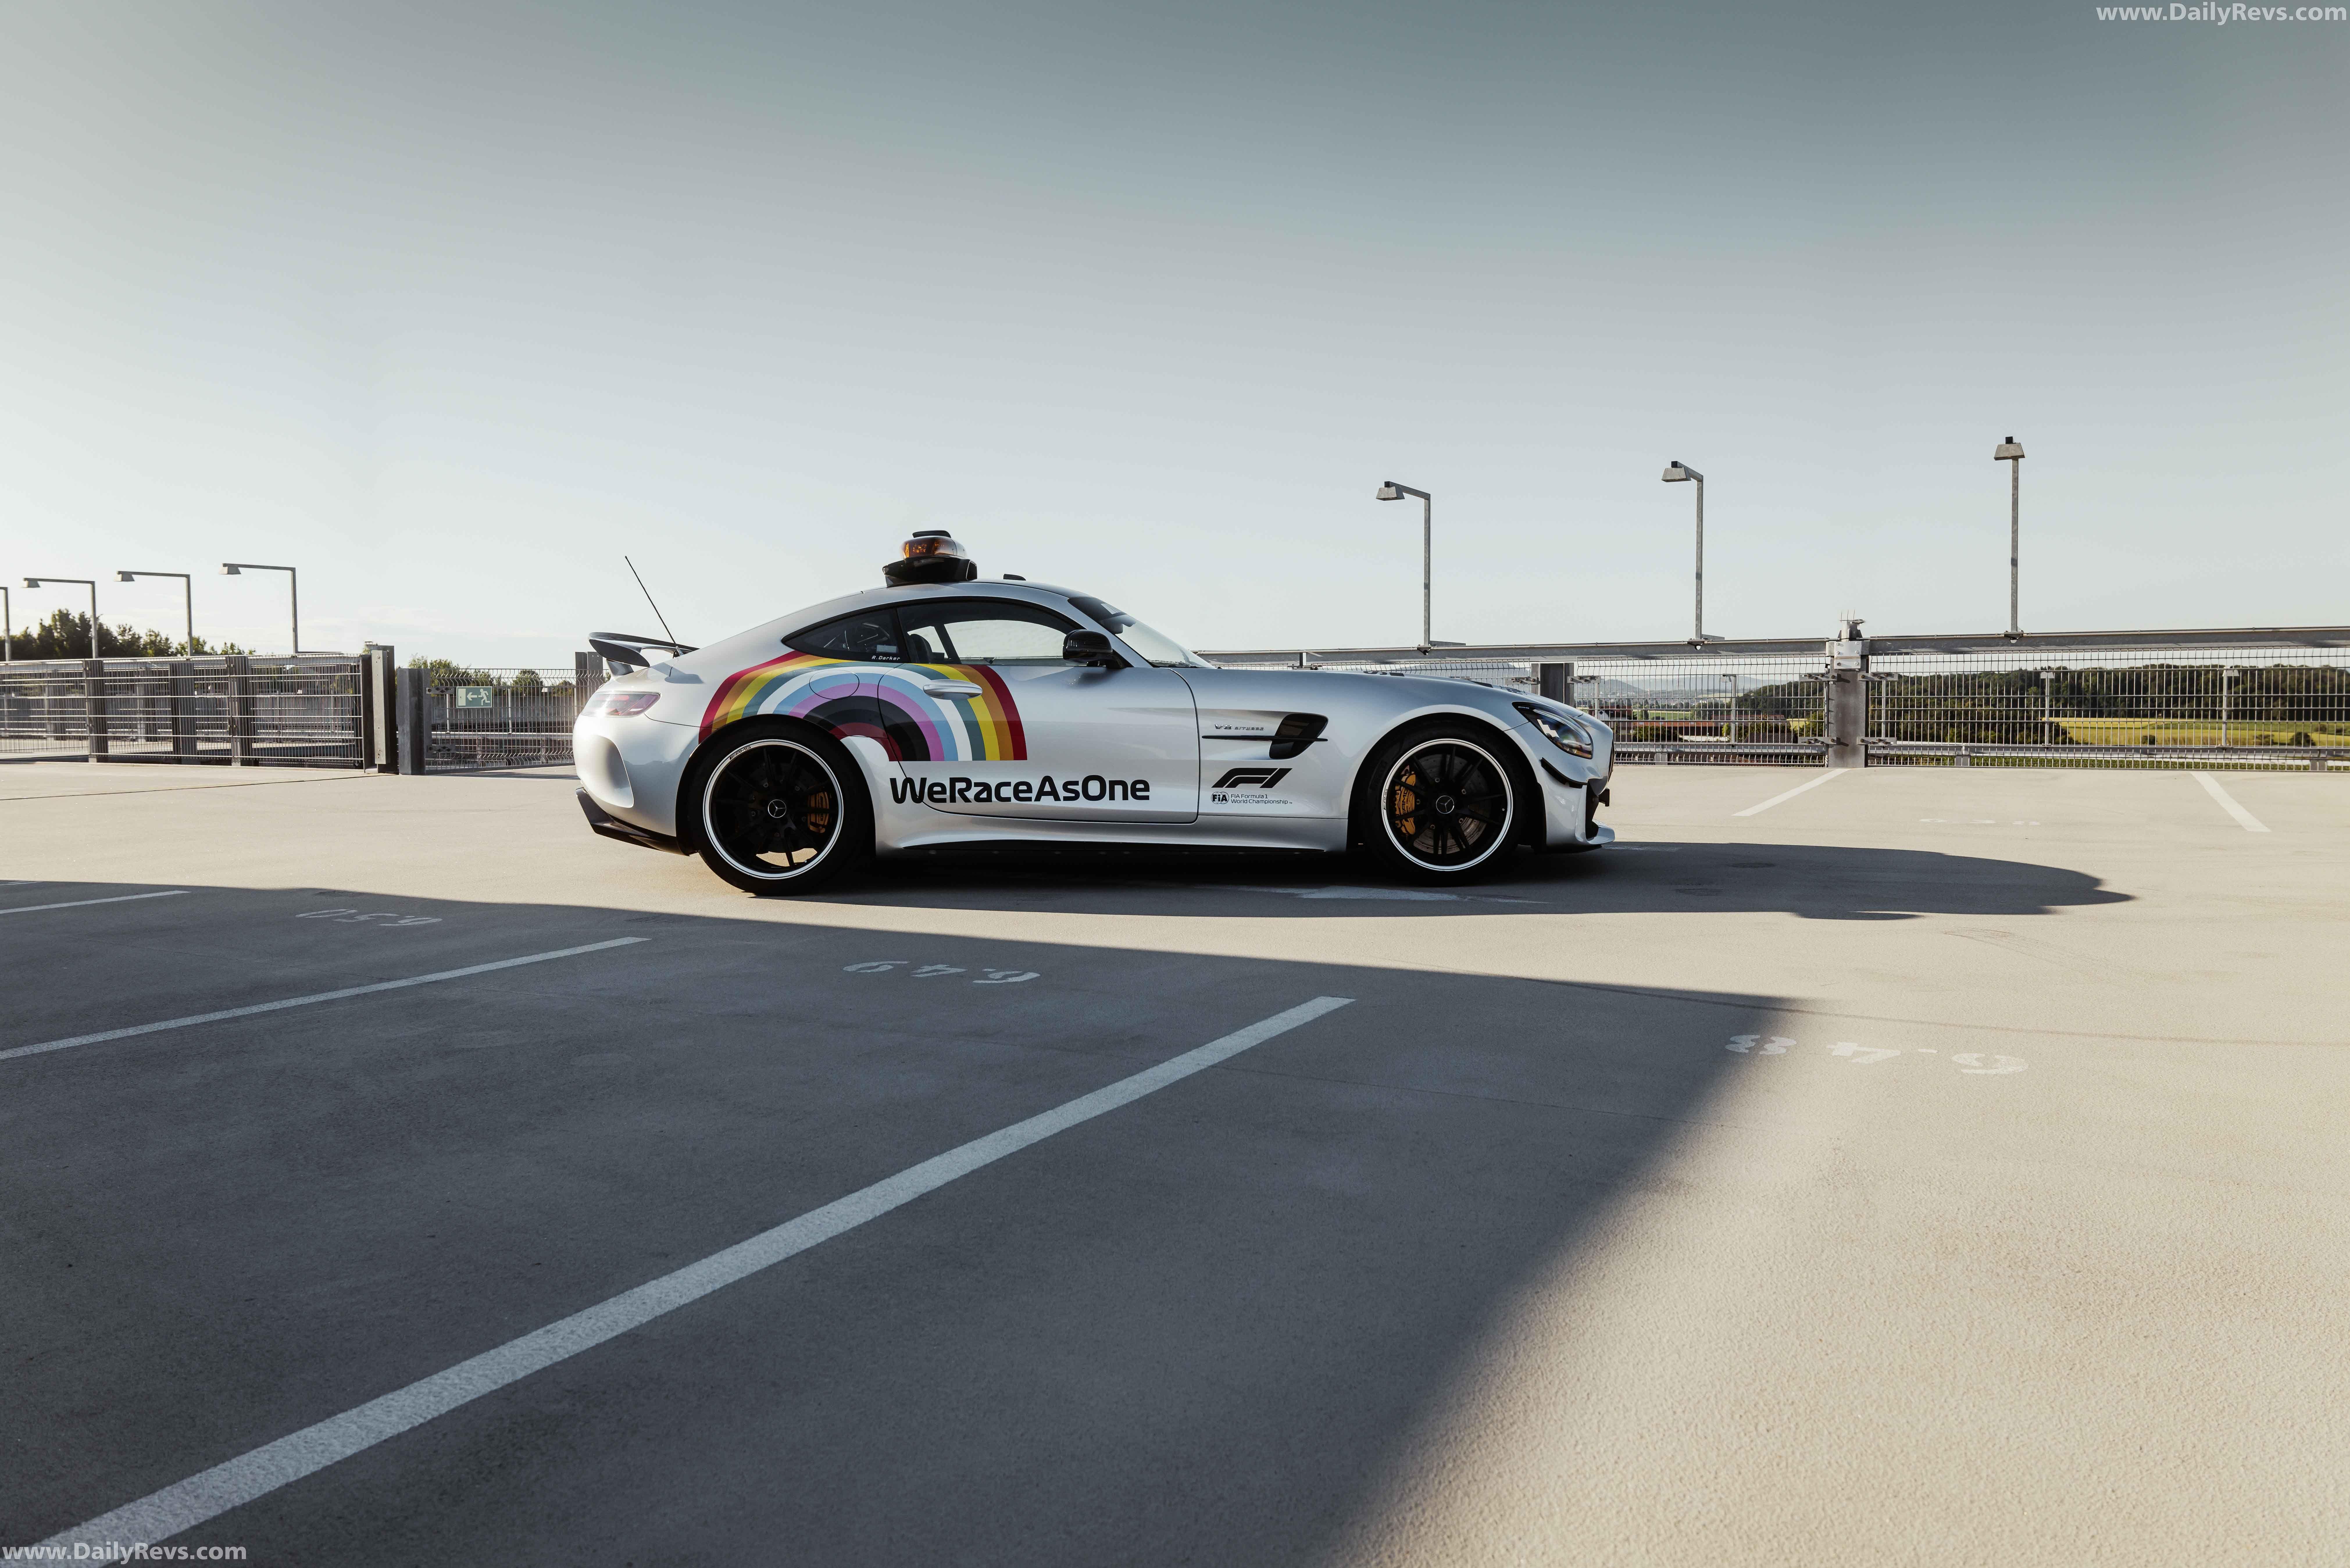 2020 MercedesBenz AMG GT R Safety Car in